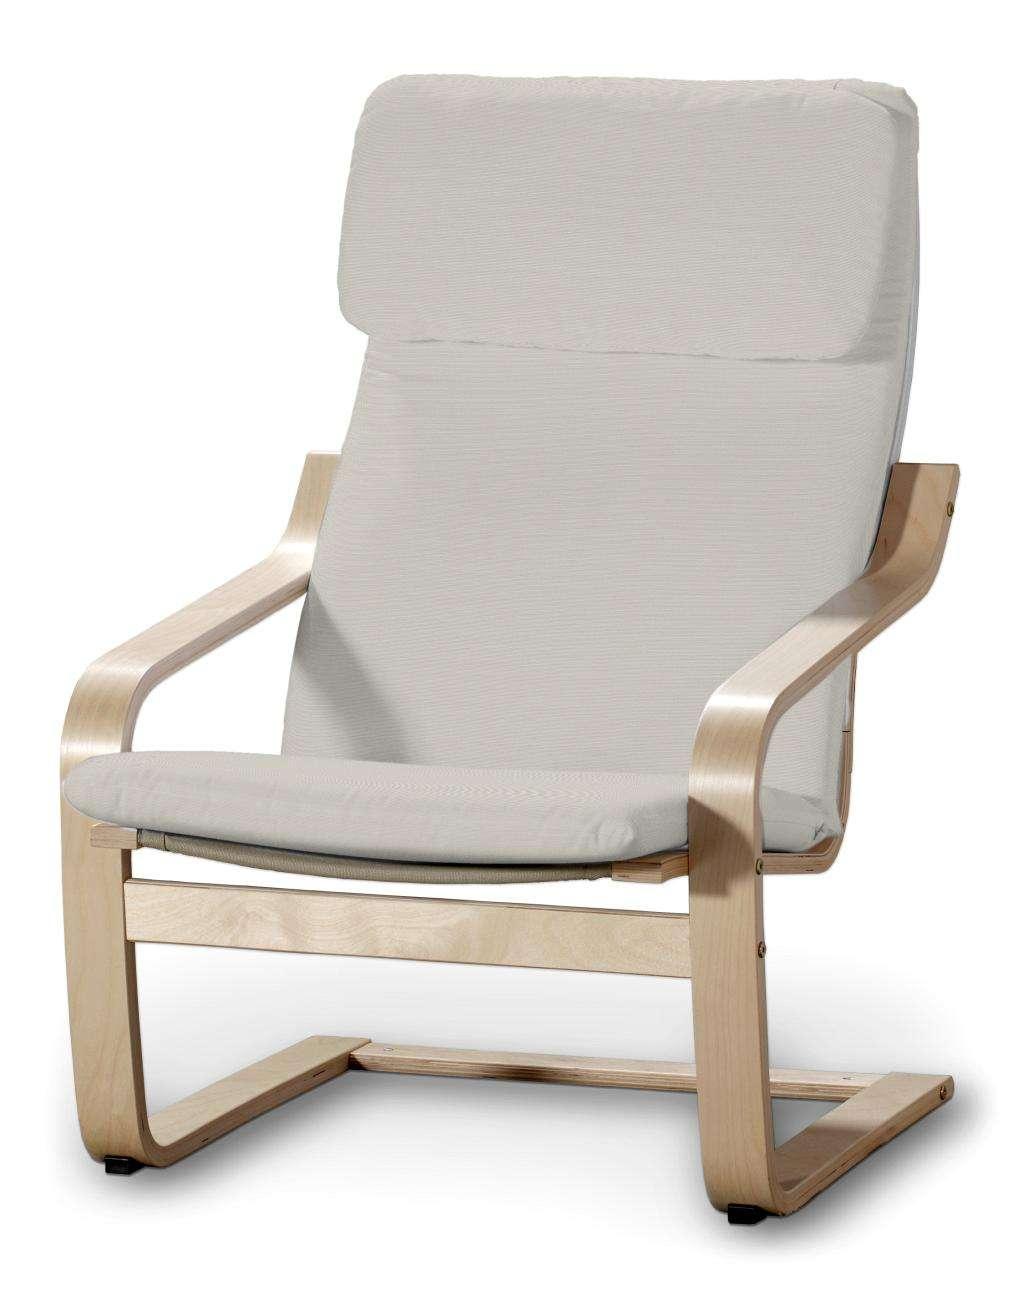 Poäng Sesselbezug I Sessel Poäng von der Kollektion Cotton Panama, Stoff: 702-31